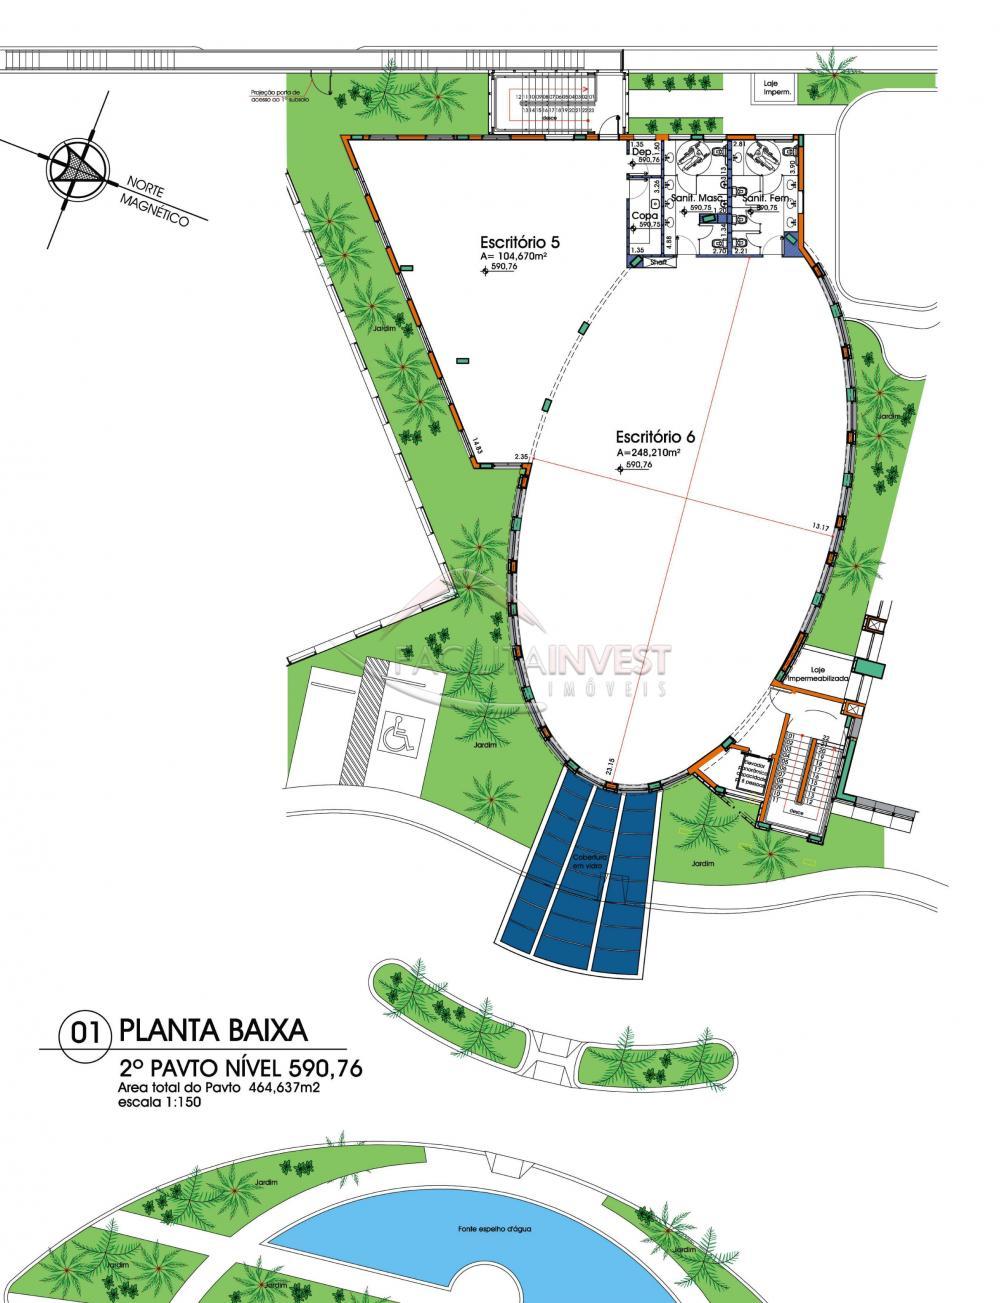 Ribeirao Preto Jardim Nova Alianca salas comerciais em edificios Venda R$15.000.000,00 Condominio R$4.049,00  21 Vagas